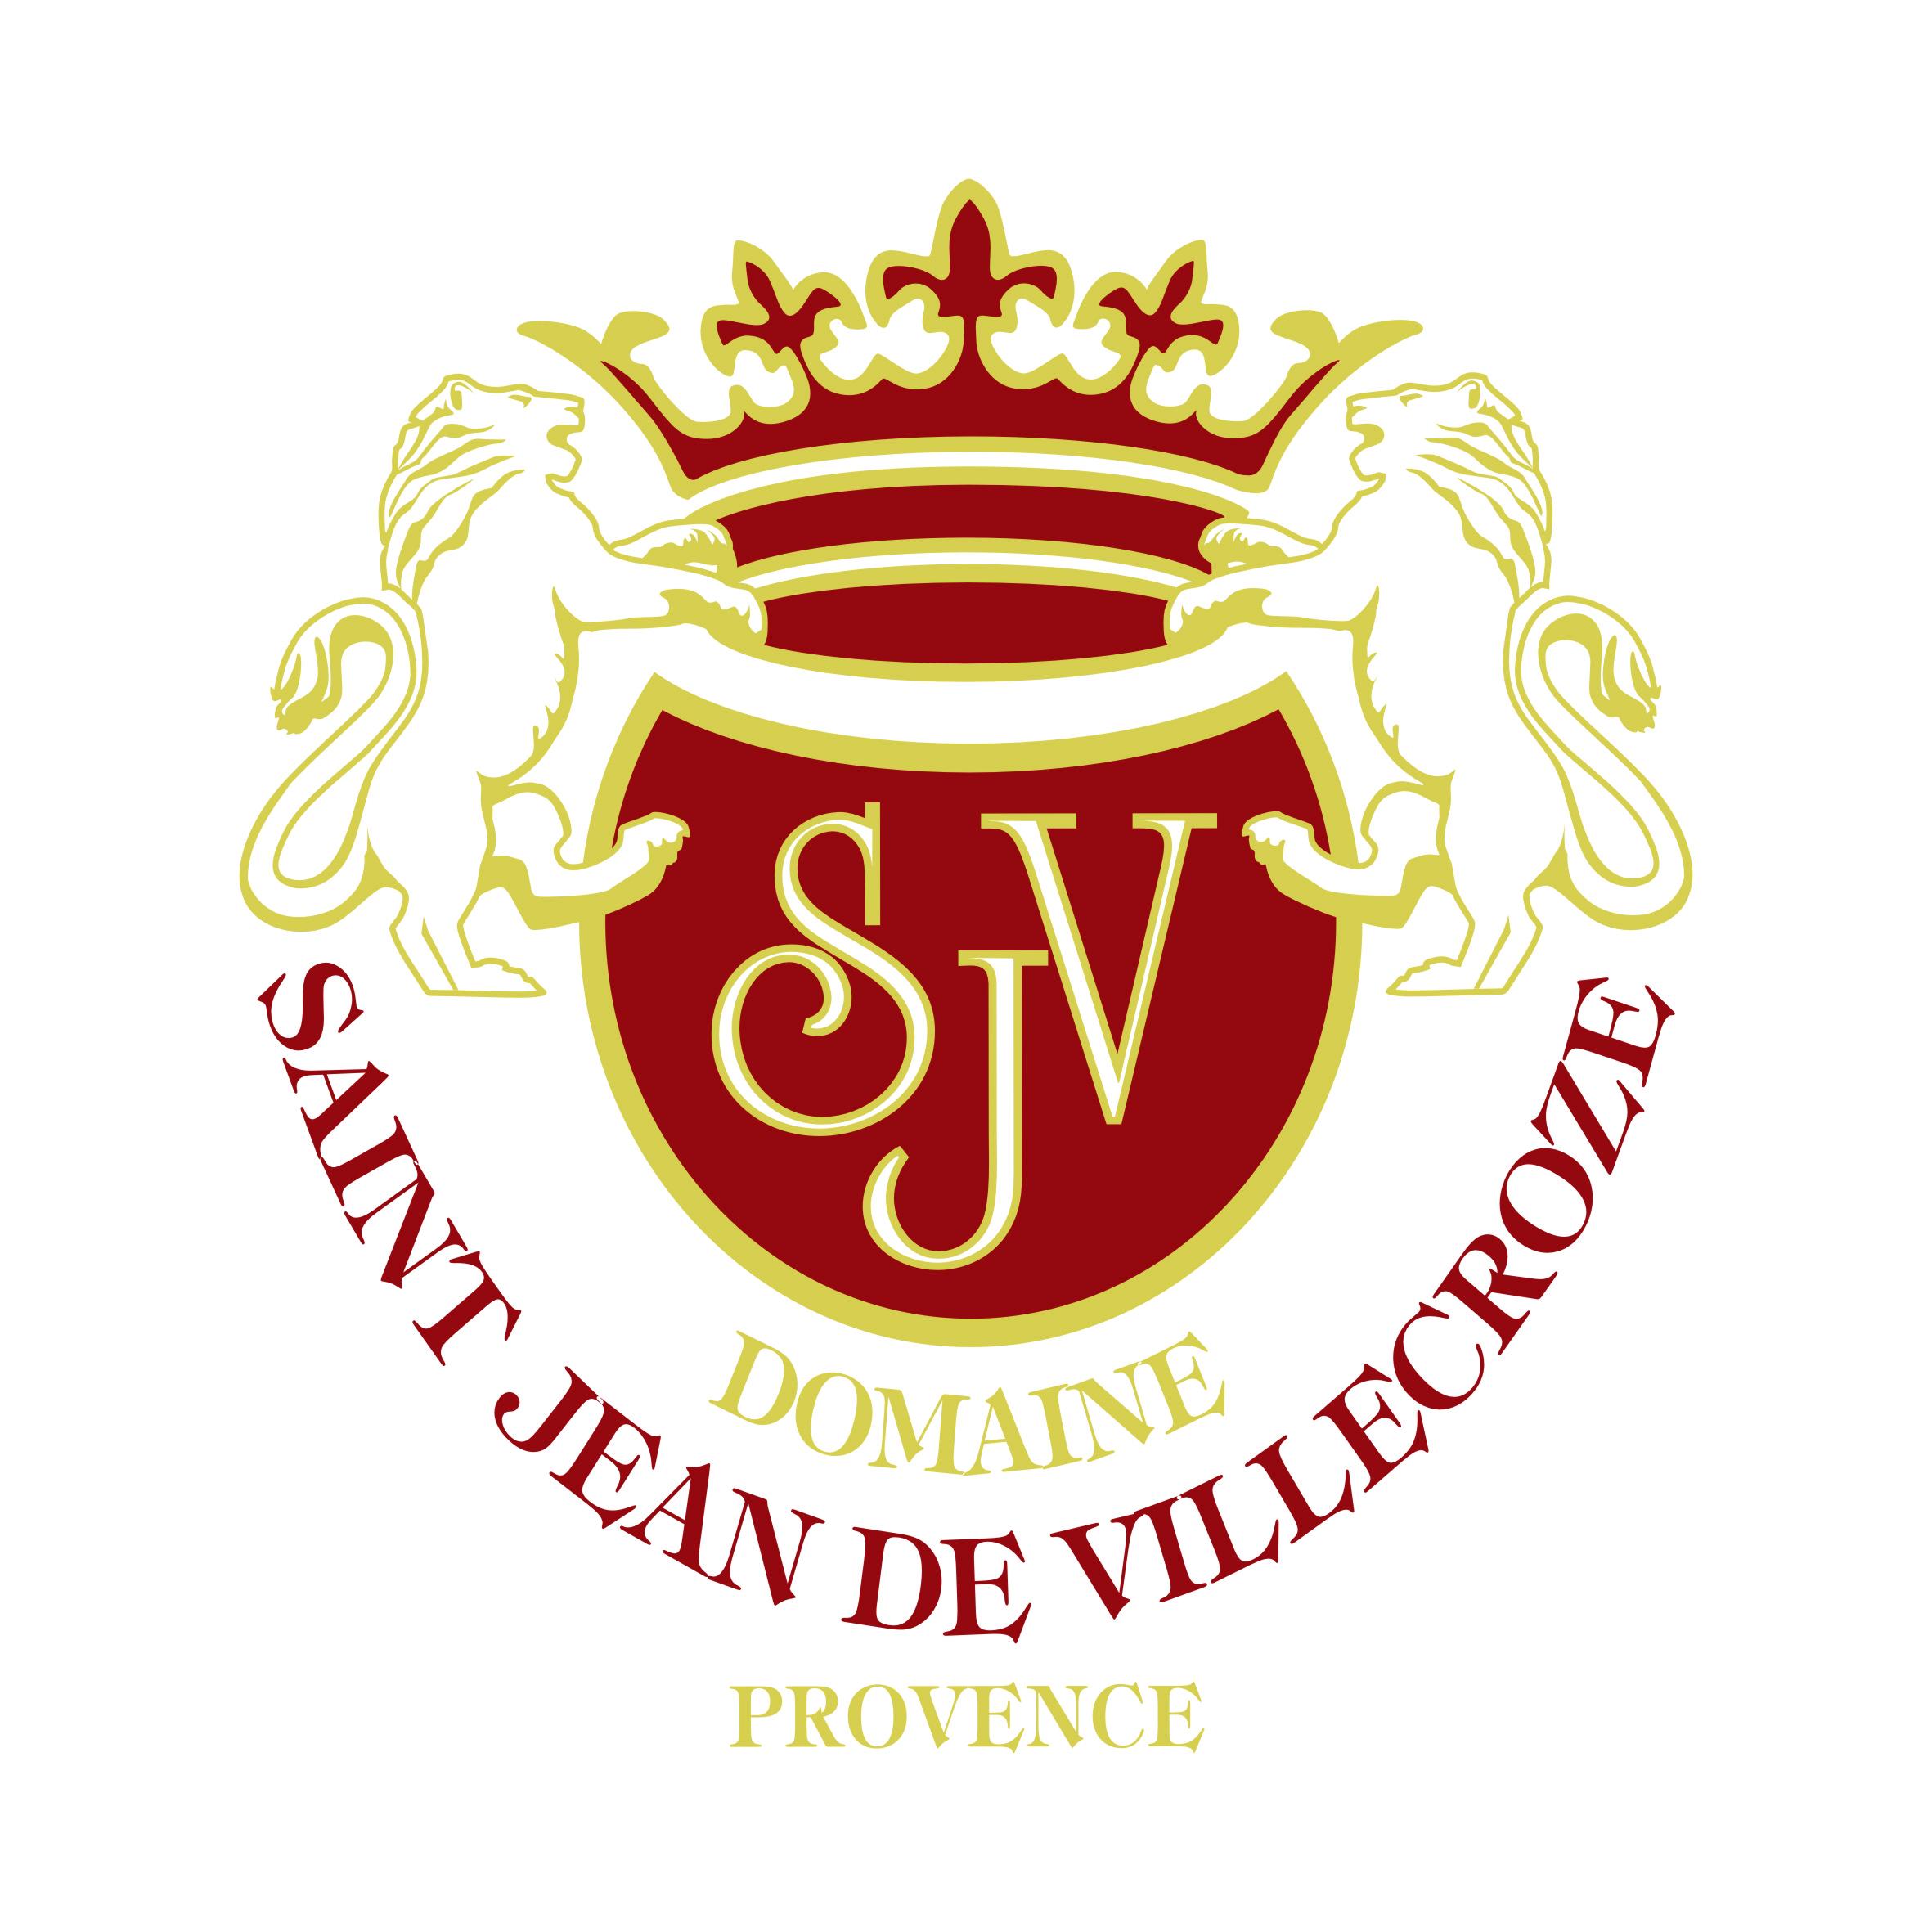 Photo Domaine Saint-Jean de Villecroze